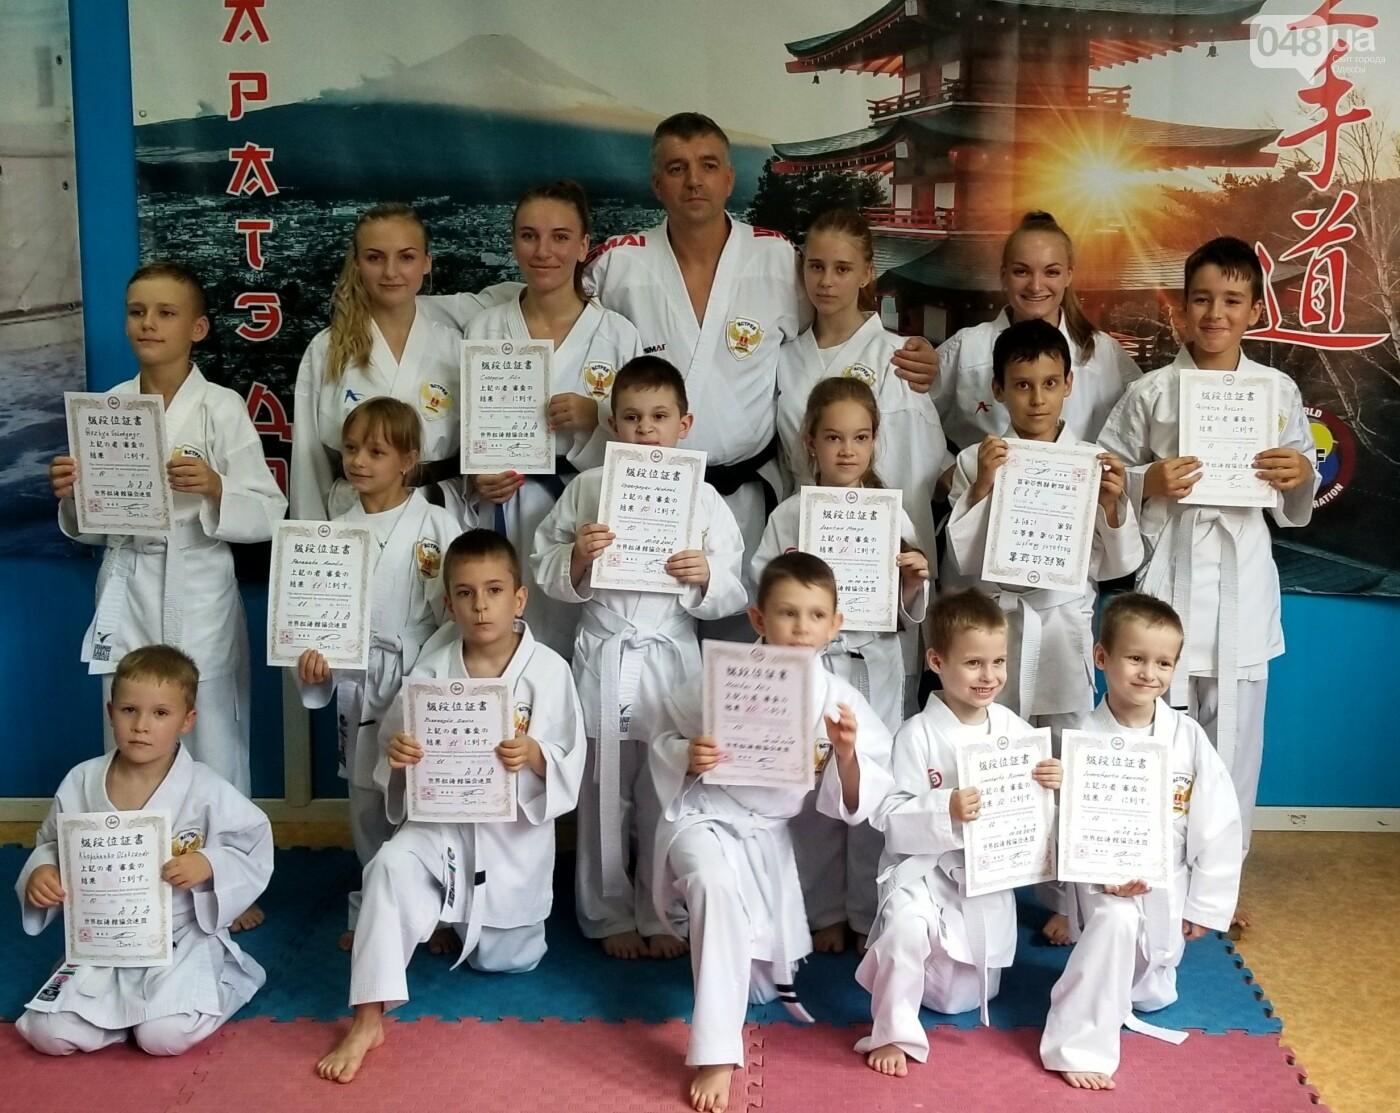 Школы боевых искусств в Одессе: спортивные клубы,секции., фото-4